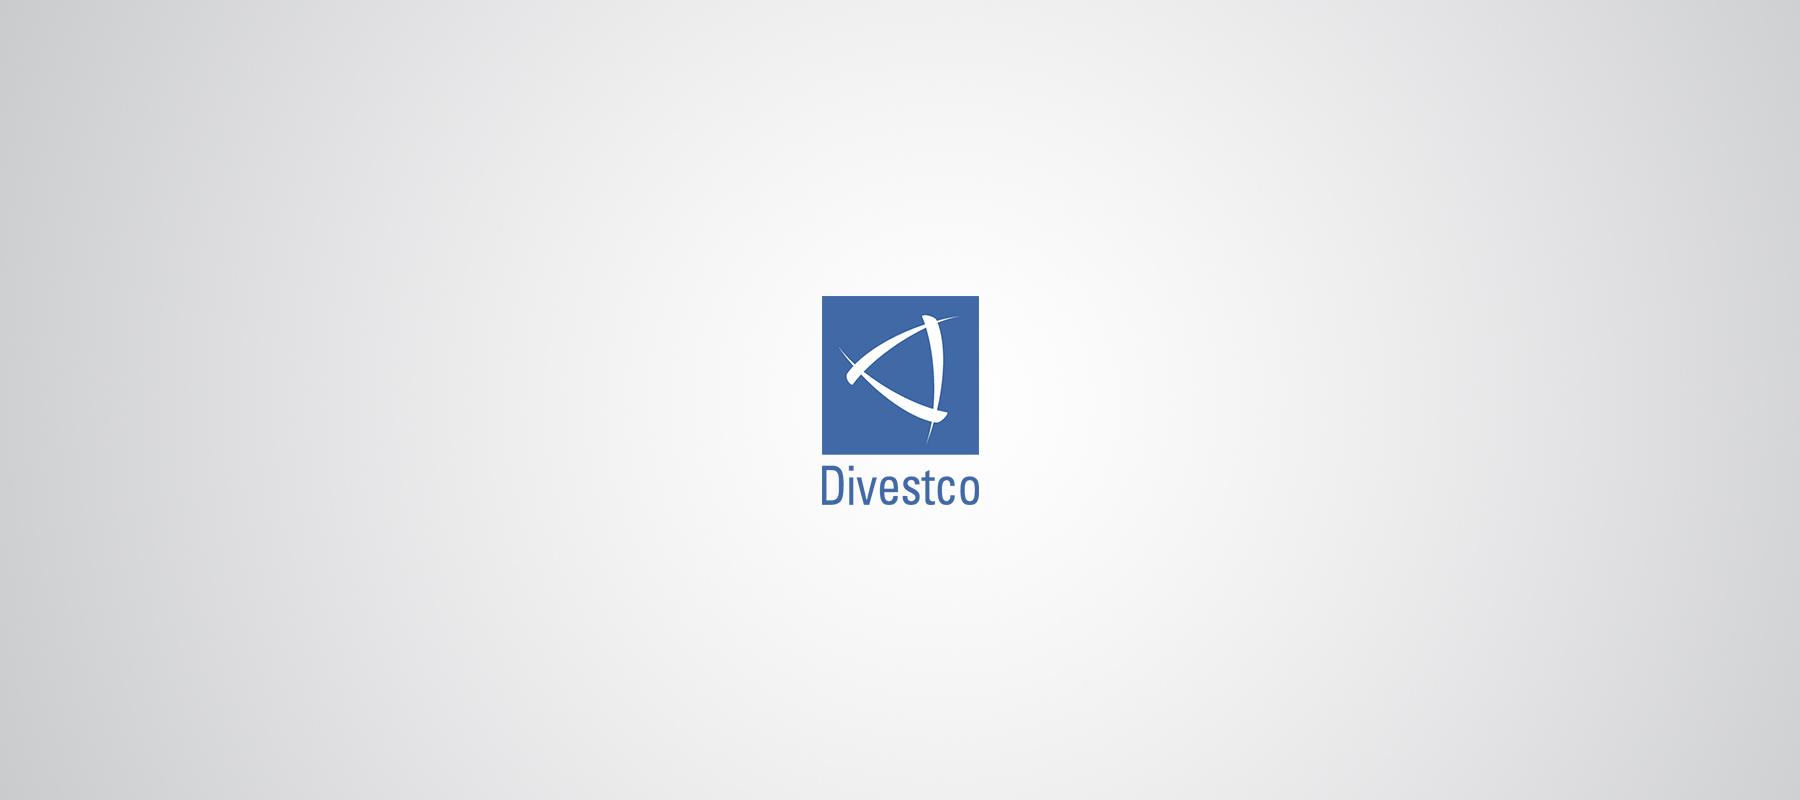 CR_Logo_Divestco_1800x800_work.jpg